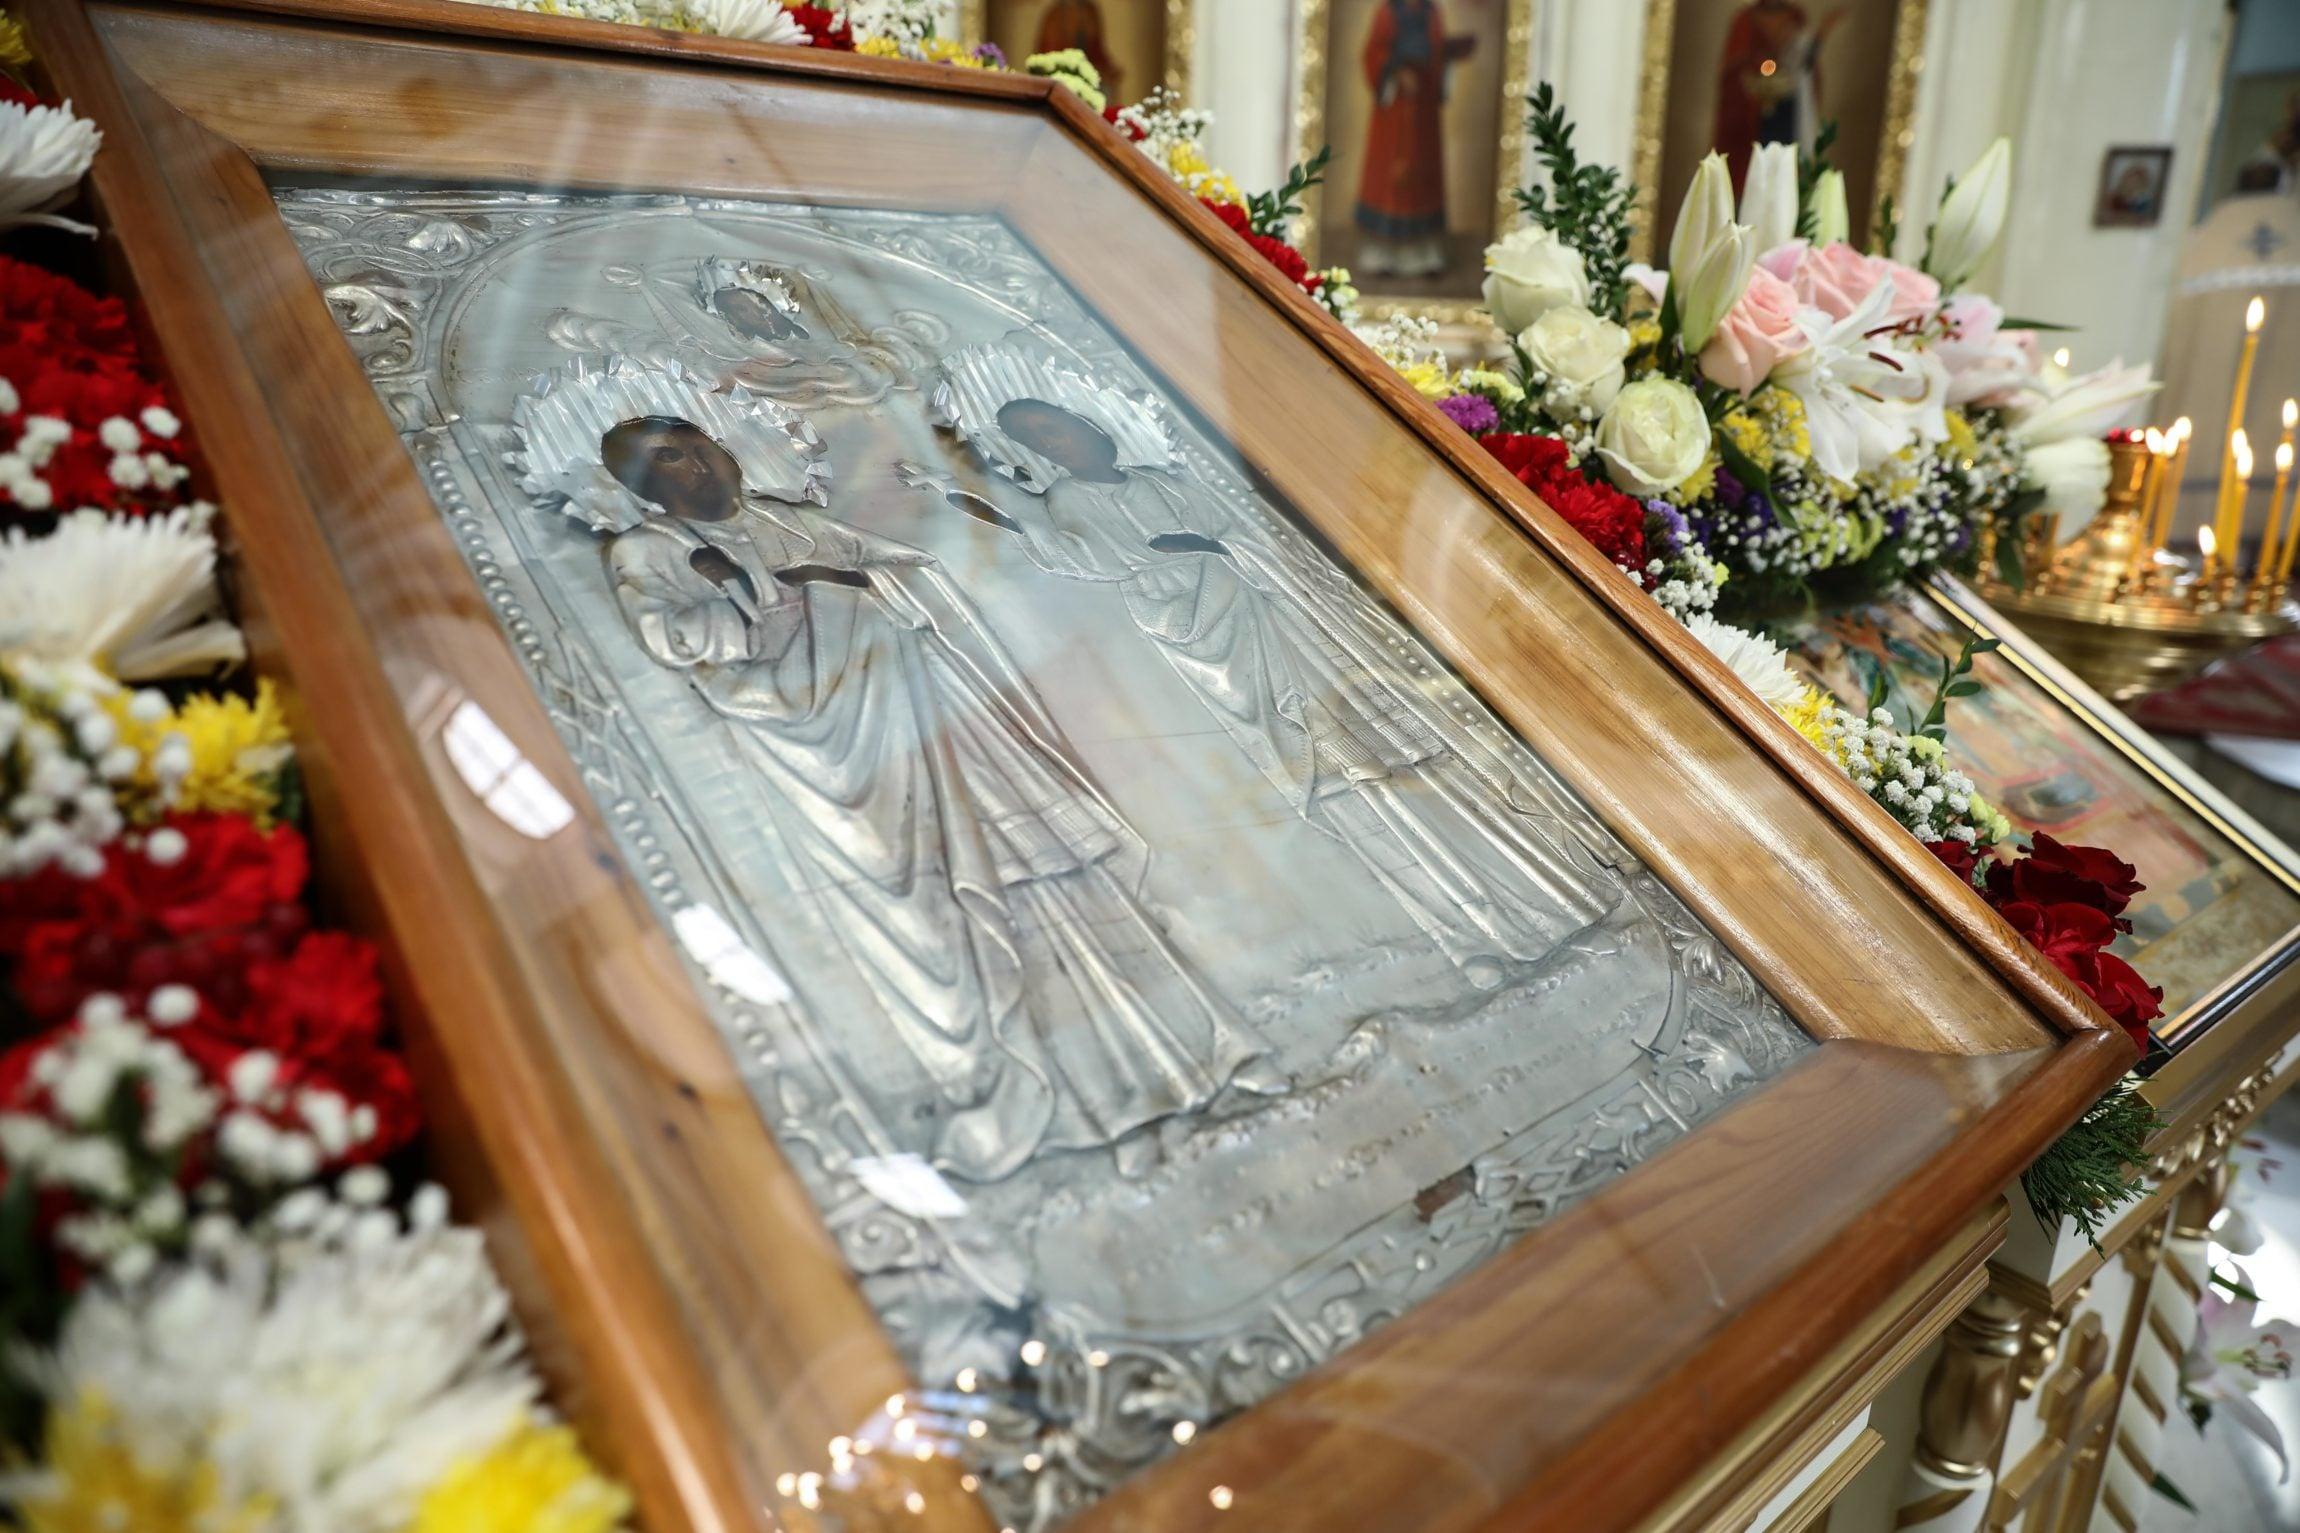 http://monuspen.ru/photoreports/300a33e78ae43bf112005df432bc34f9.jpg